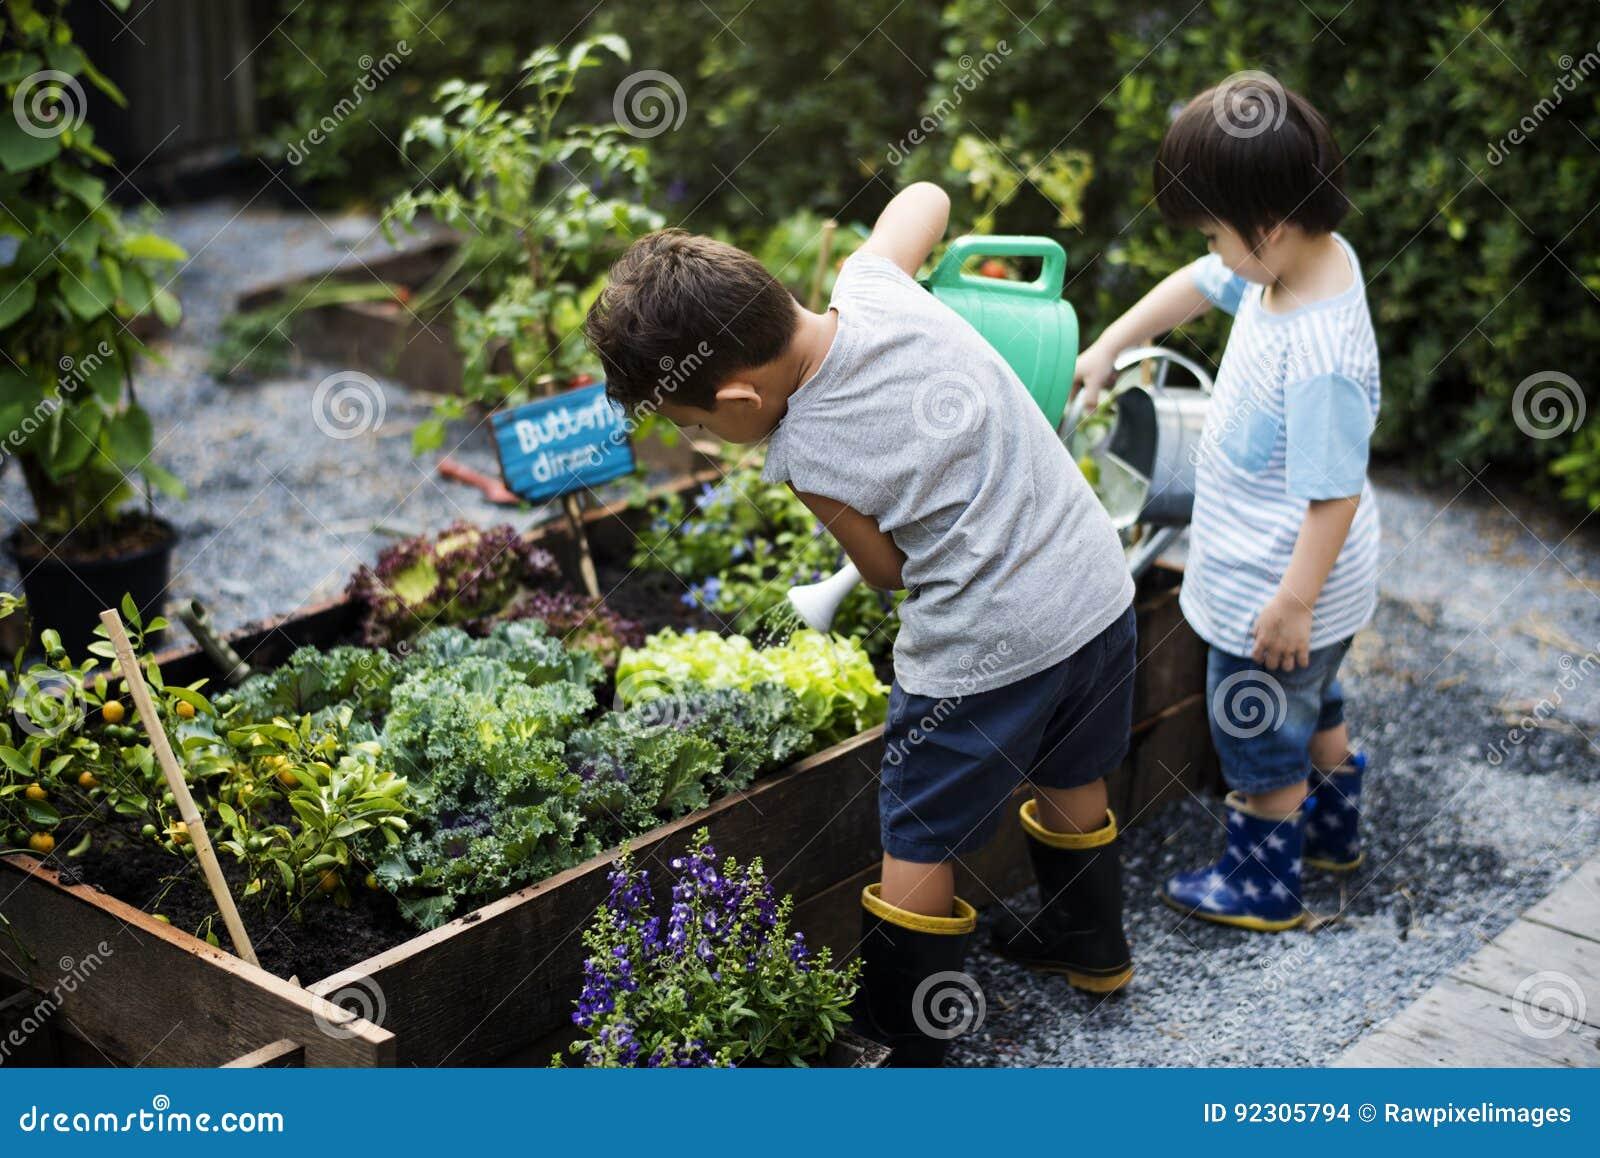 小组学会从事园艺的幼儿园孩子户外